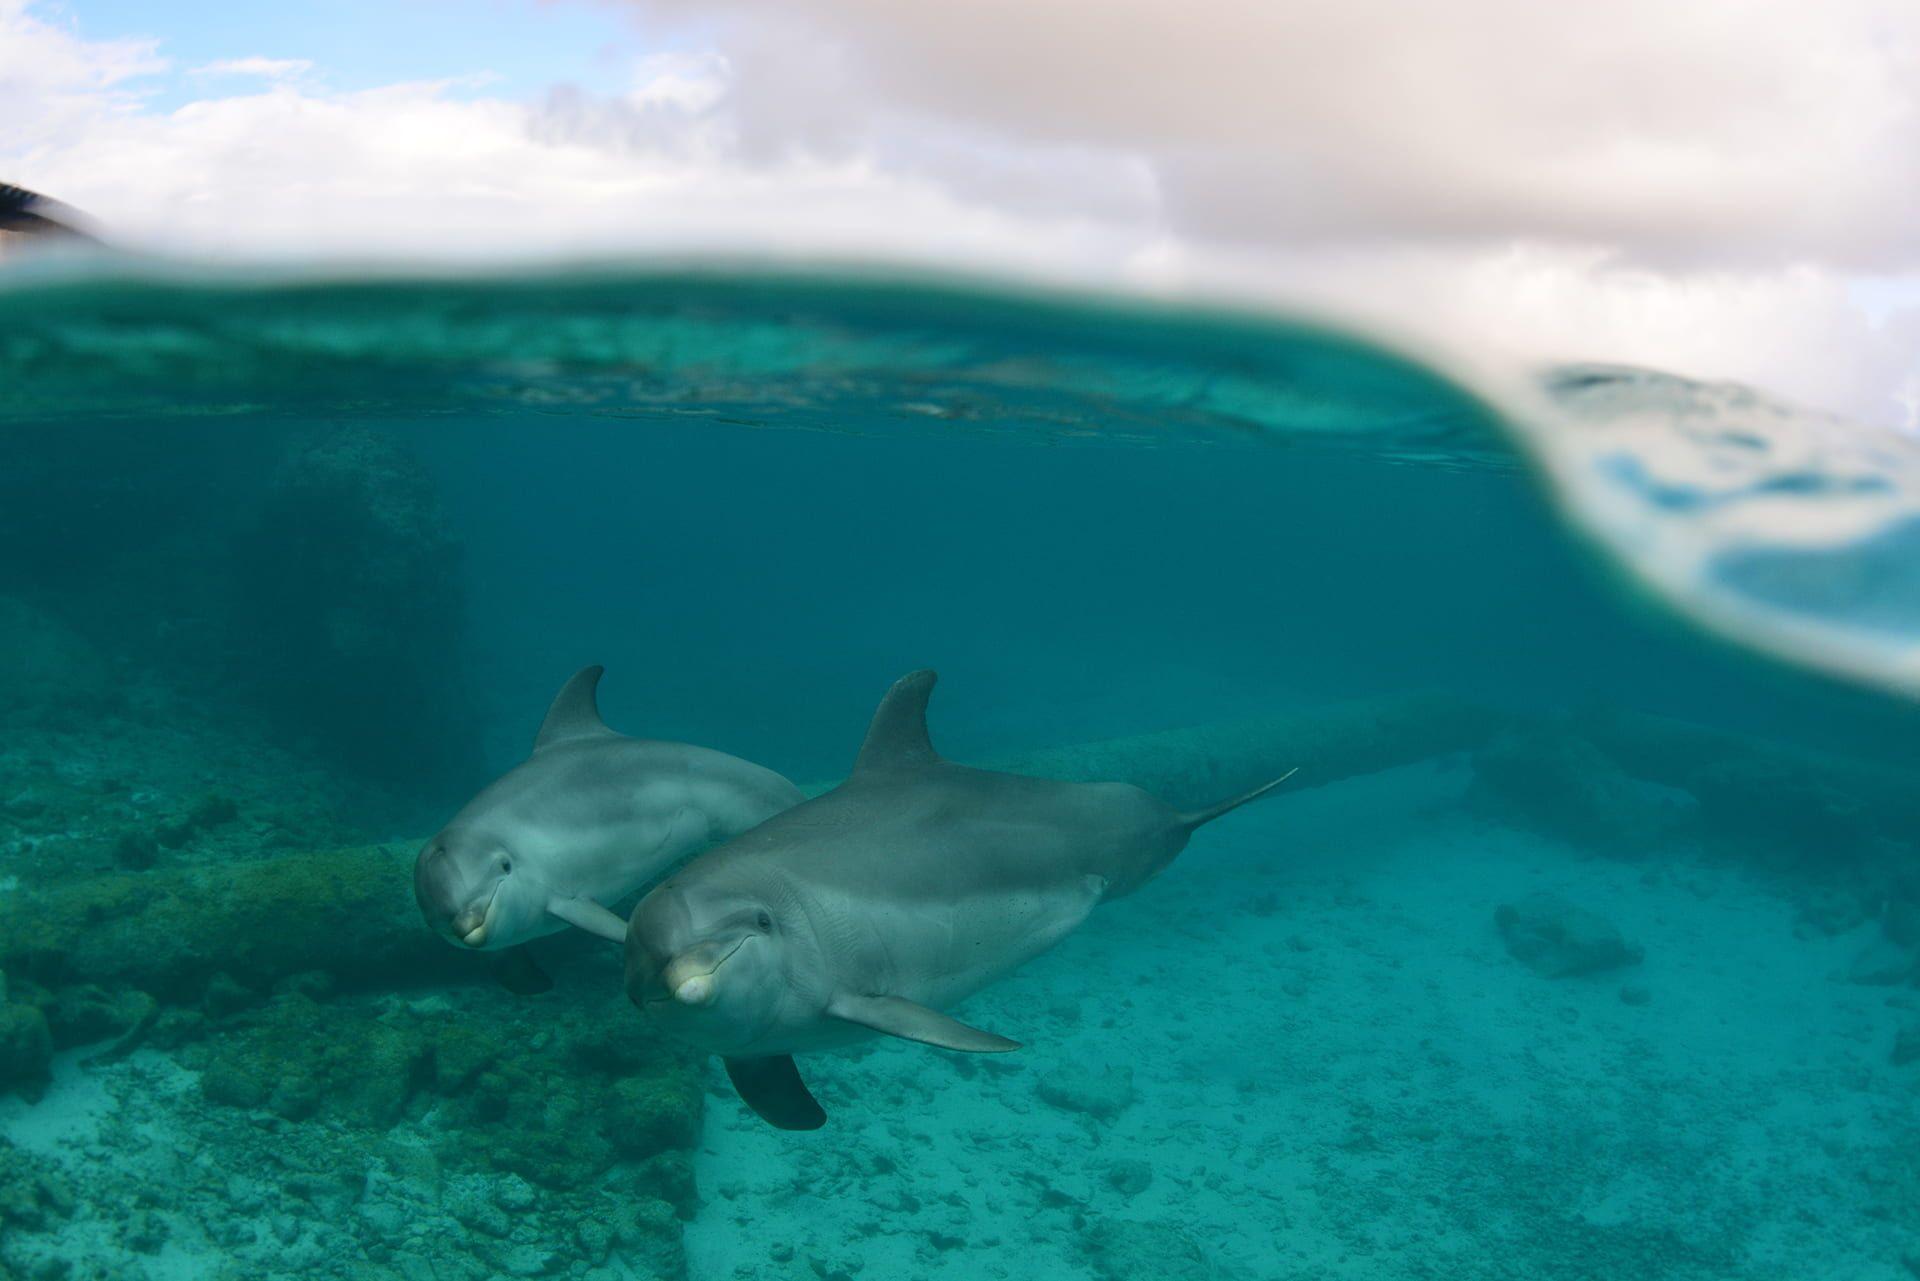 Een onderwaterfoto van twee zwemmende dolfijnen.